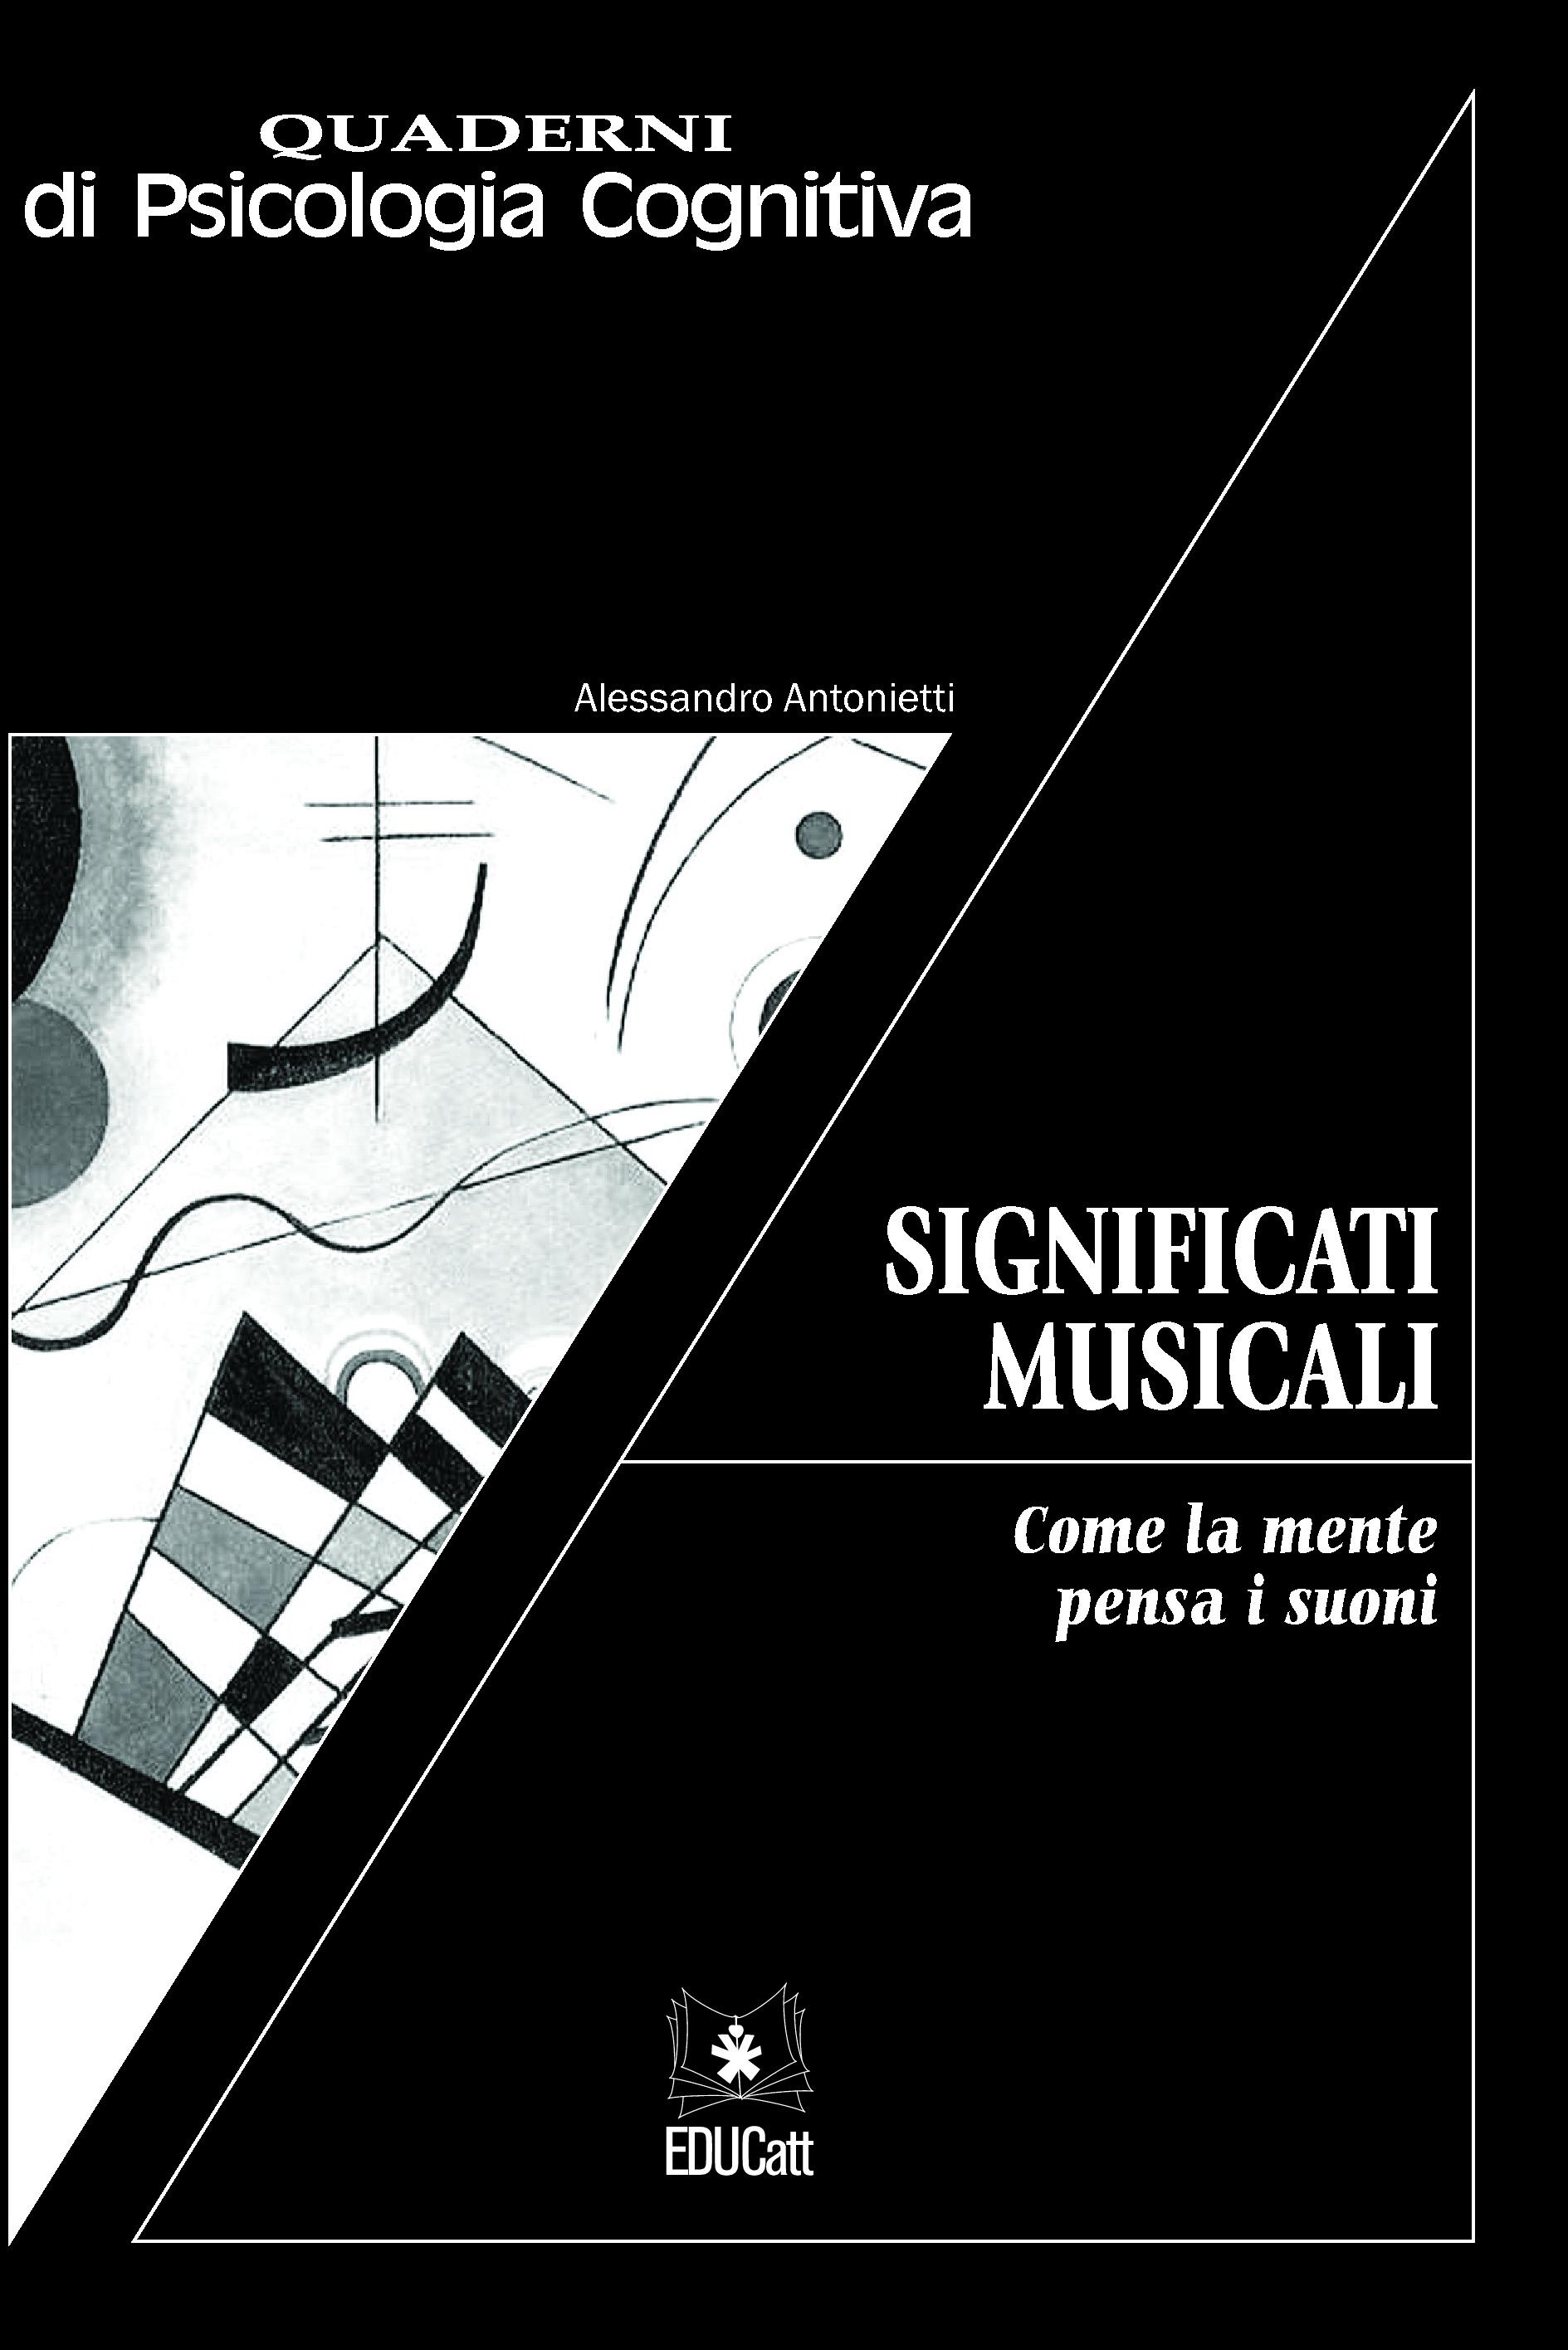 SIGNIFICATI MUSICALI. COME LA MENTE PENSA I SUONI. QUADERNI DI PSICOLOGIA COGNITIVA